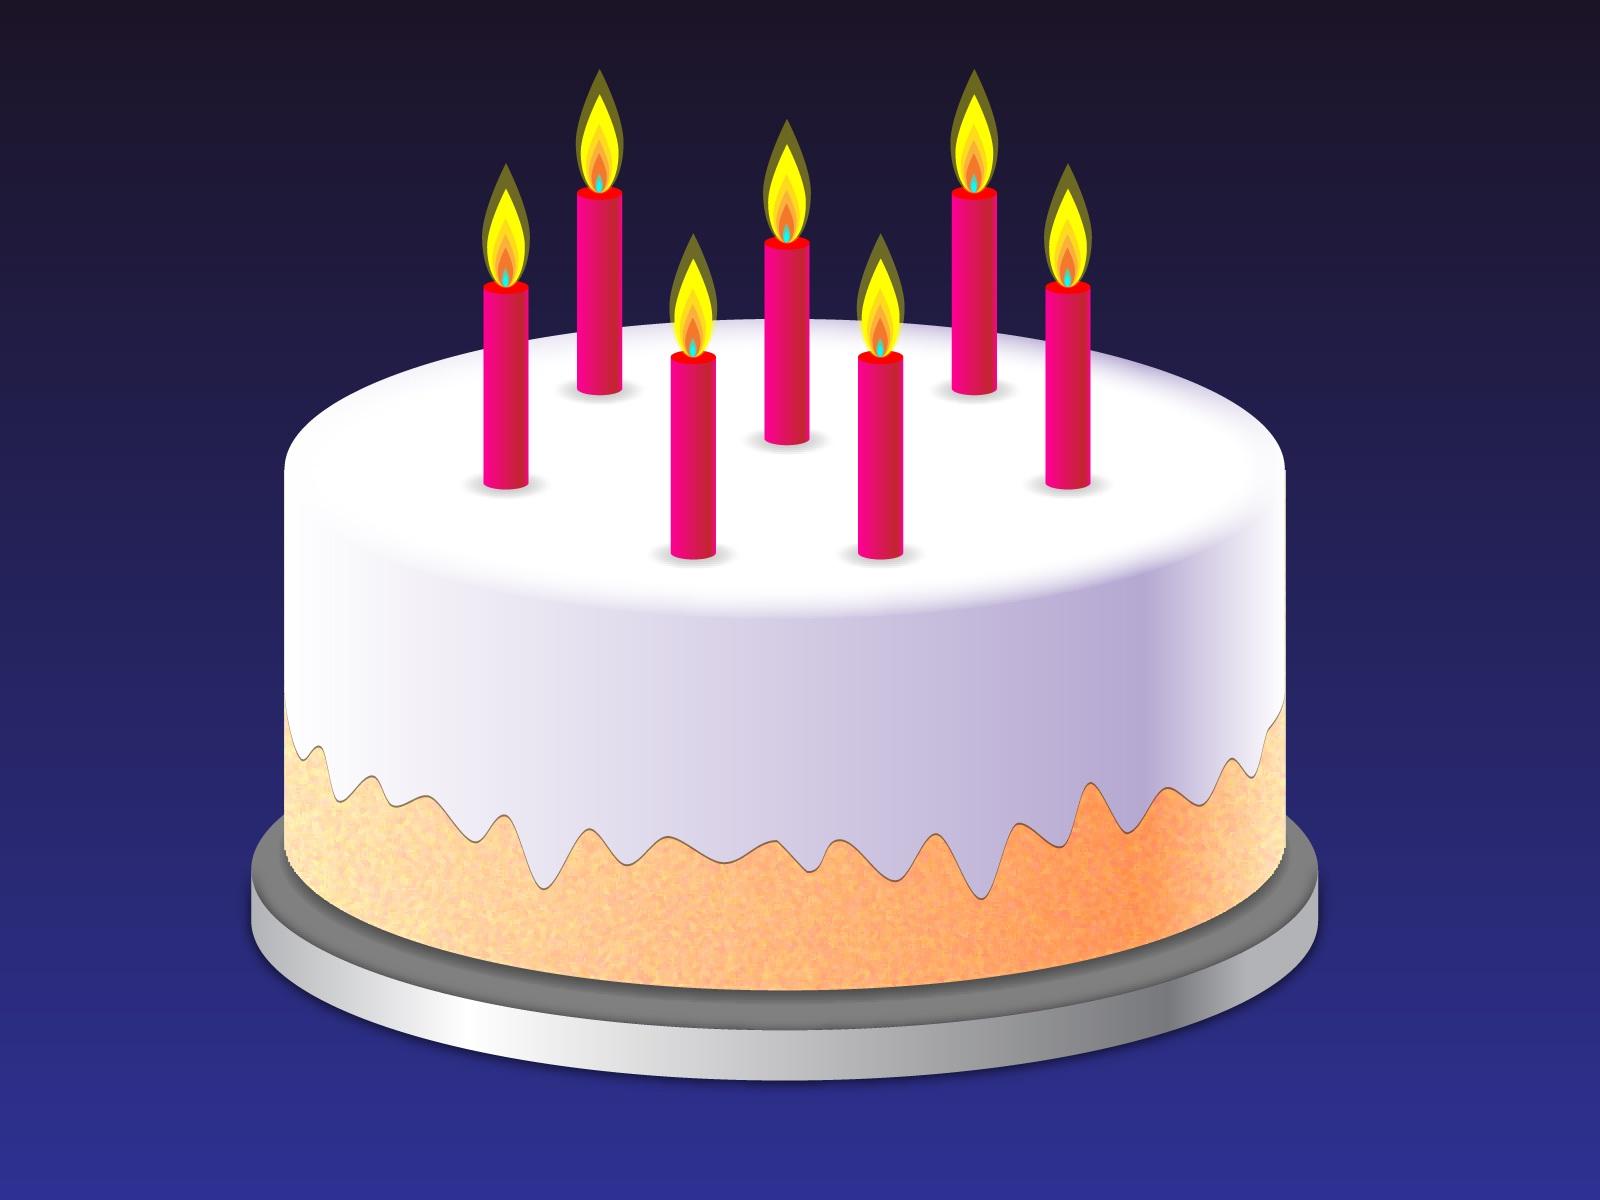 Анимации тортиков картинках, днем рождения